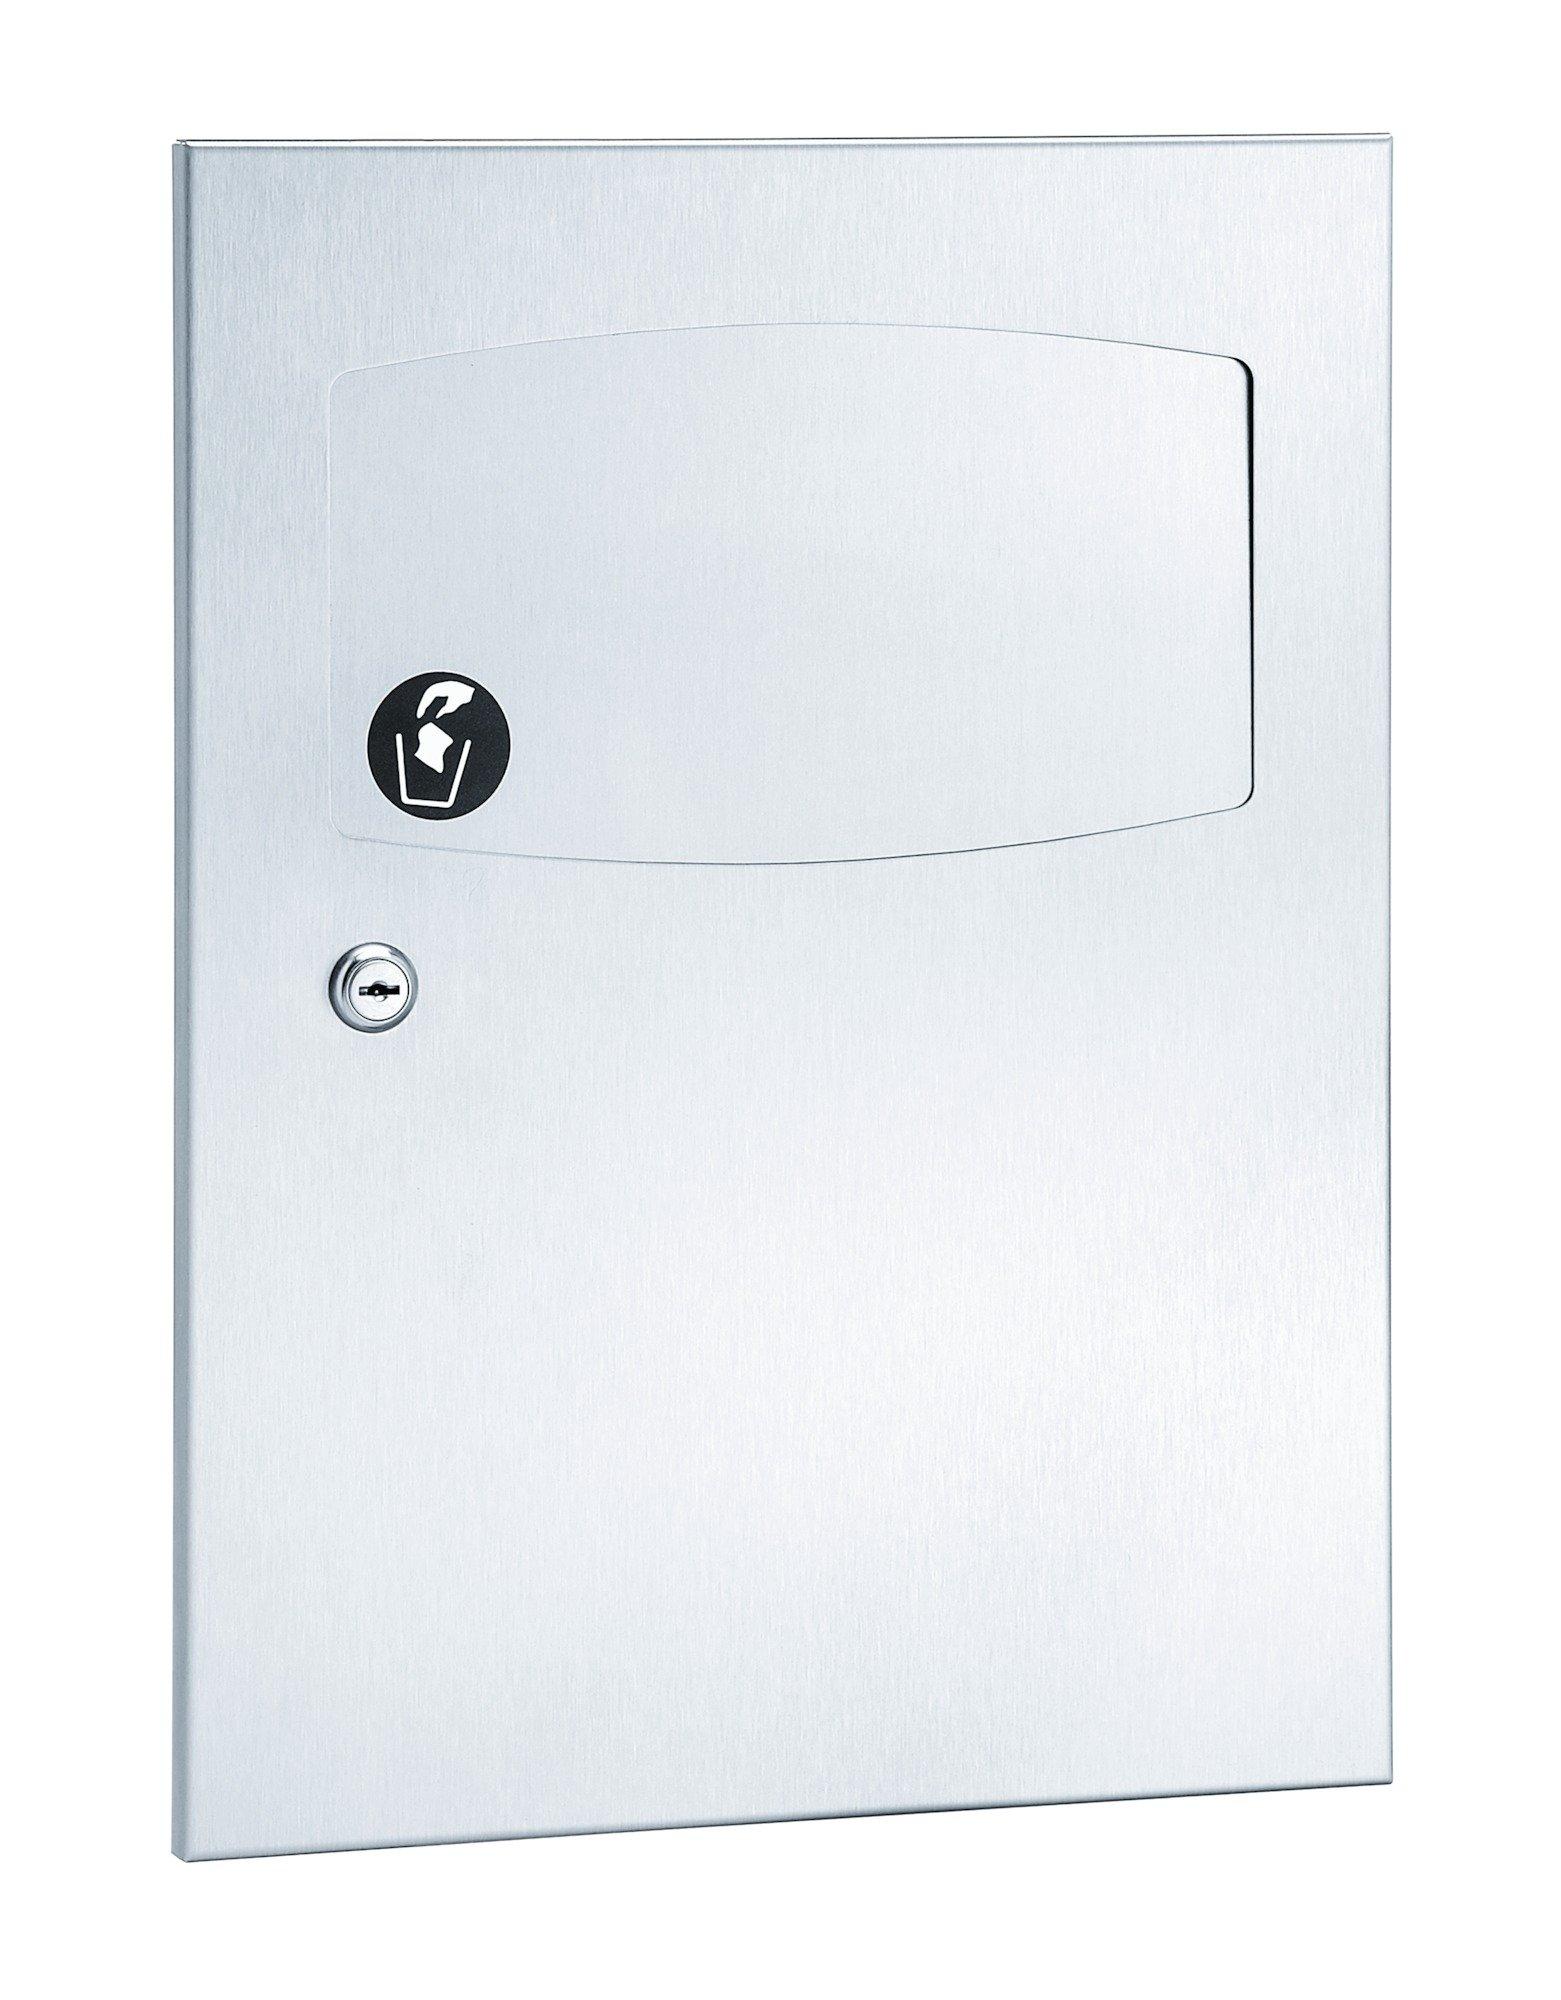 Napkin Disposals 4737-000000 - Accurate Door & Hardware, Inc.